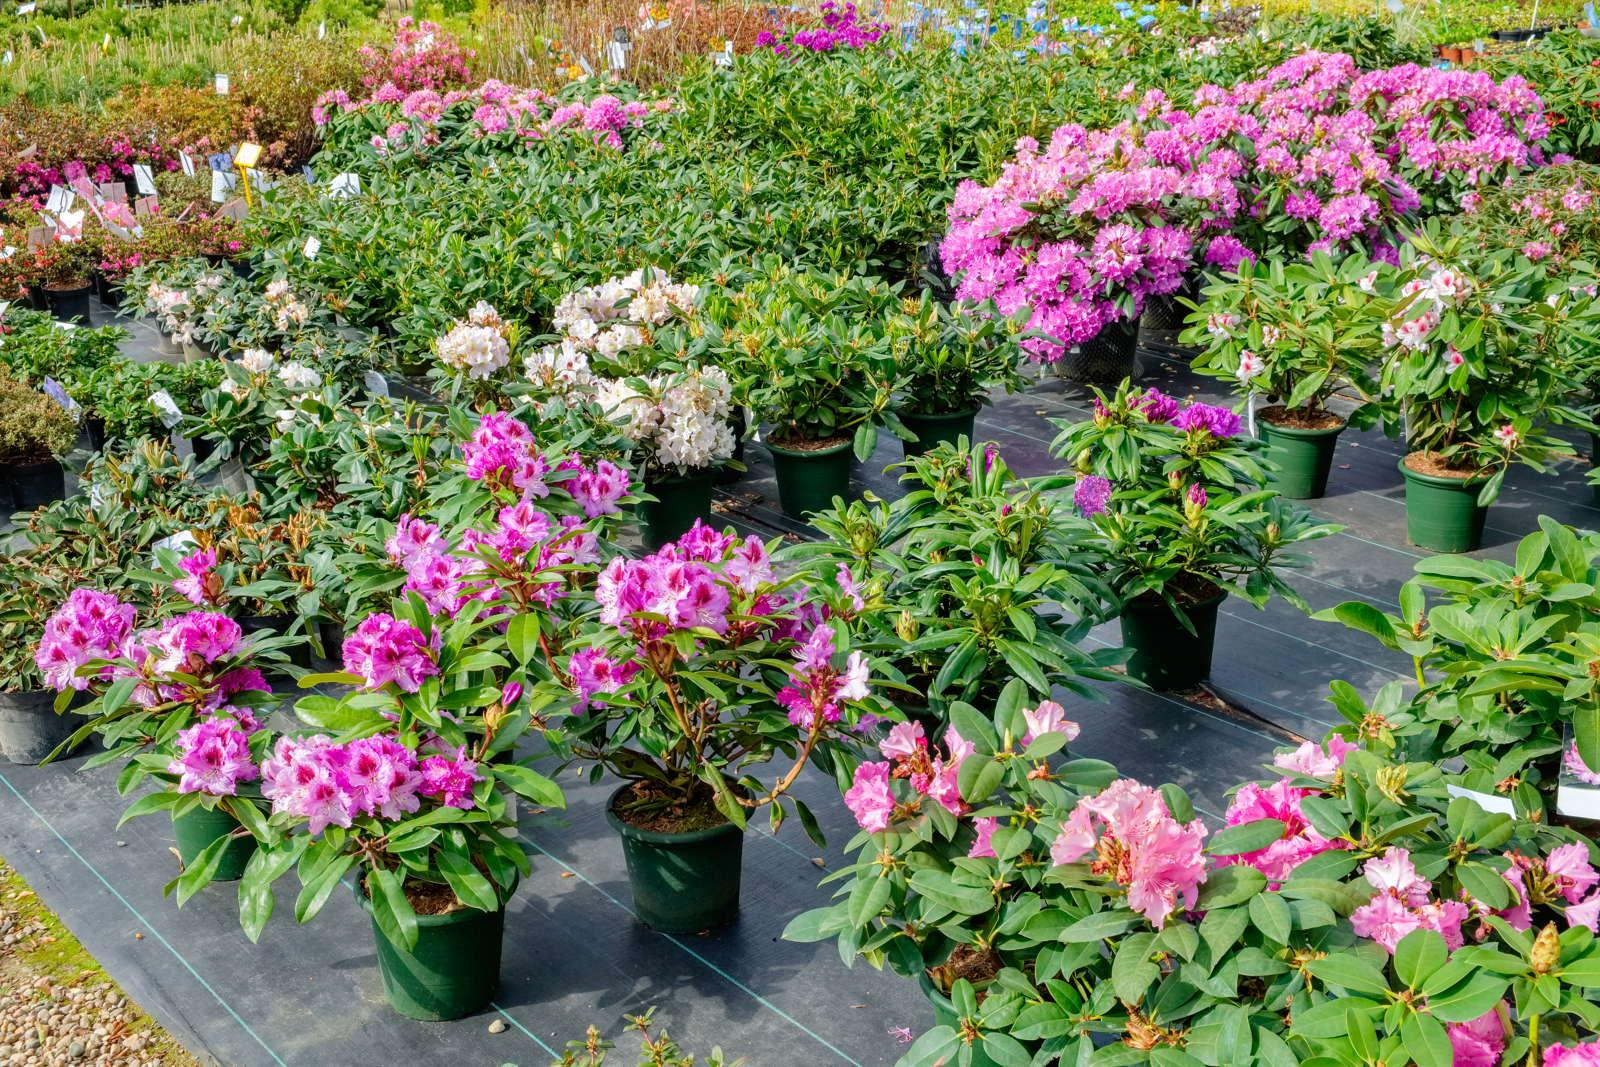 7a4870581ecf35 Bei spezialisierten Baumschulen gibt es eine große Sortenauswahl  Foto   Chamille White  Shutterstock.com